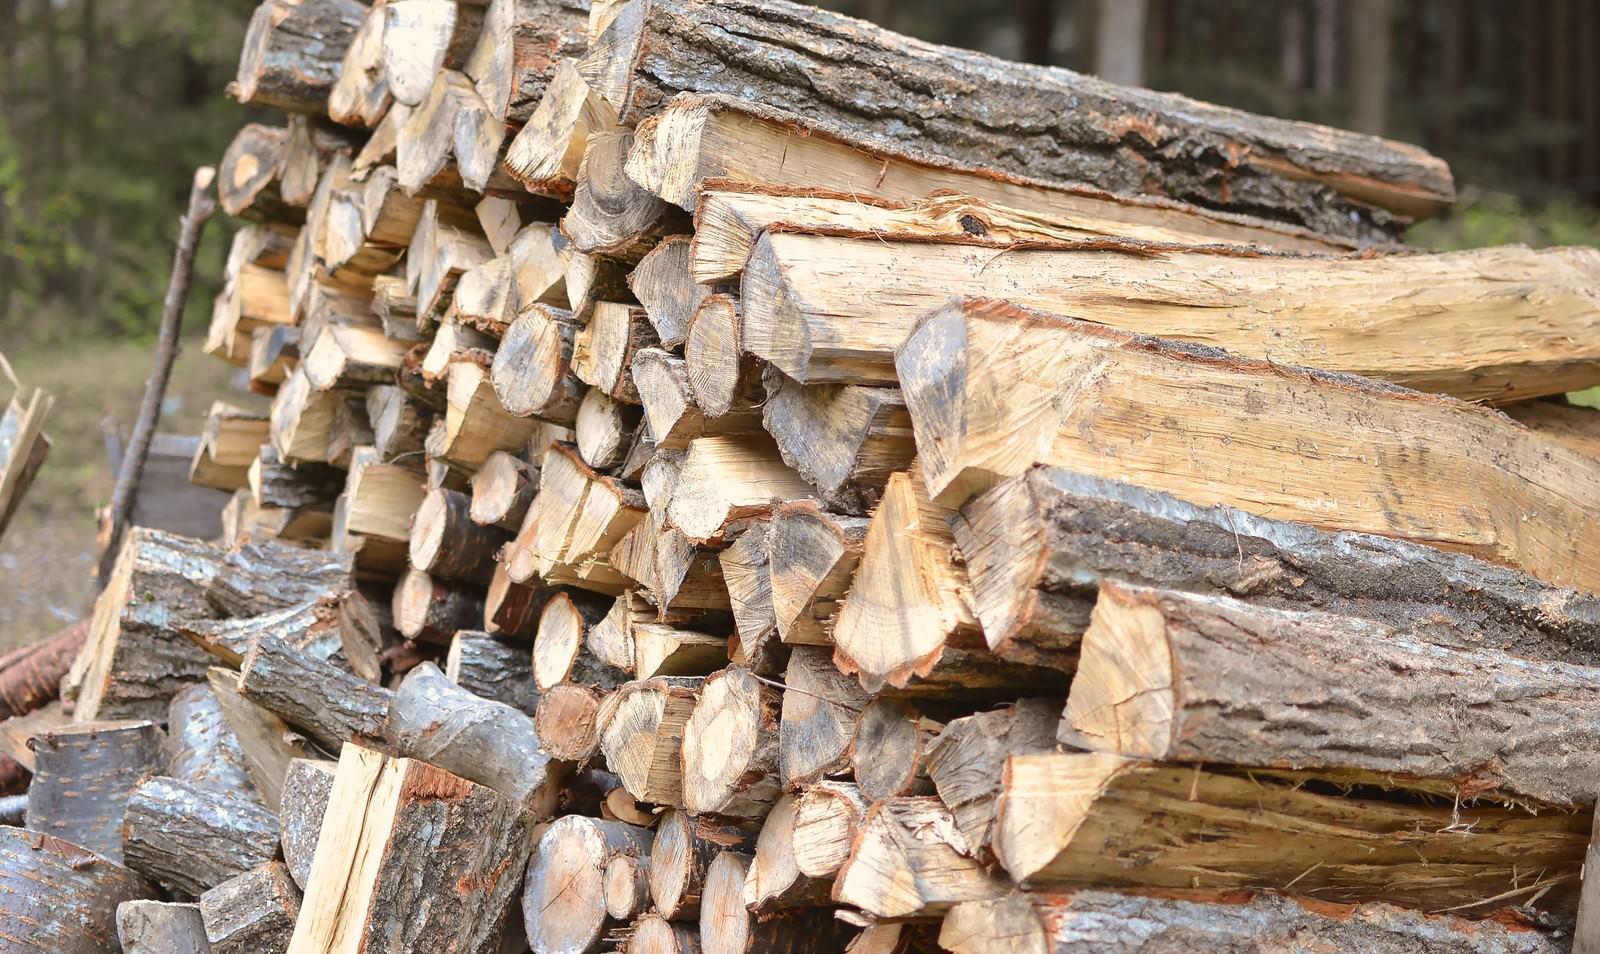 「積み上げた薪」の写真